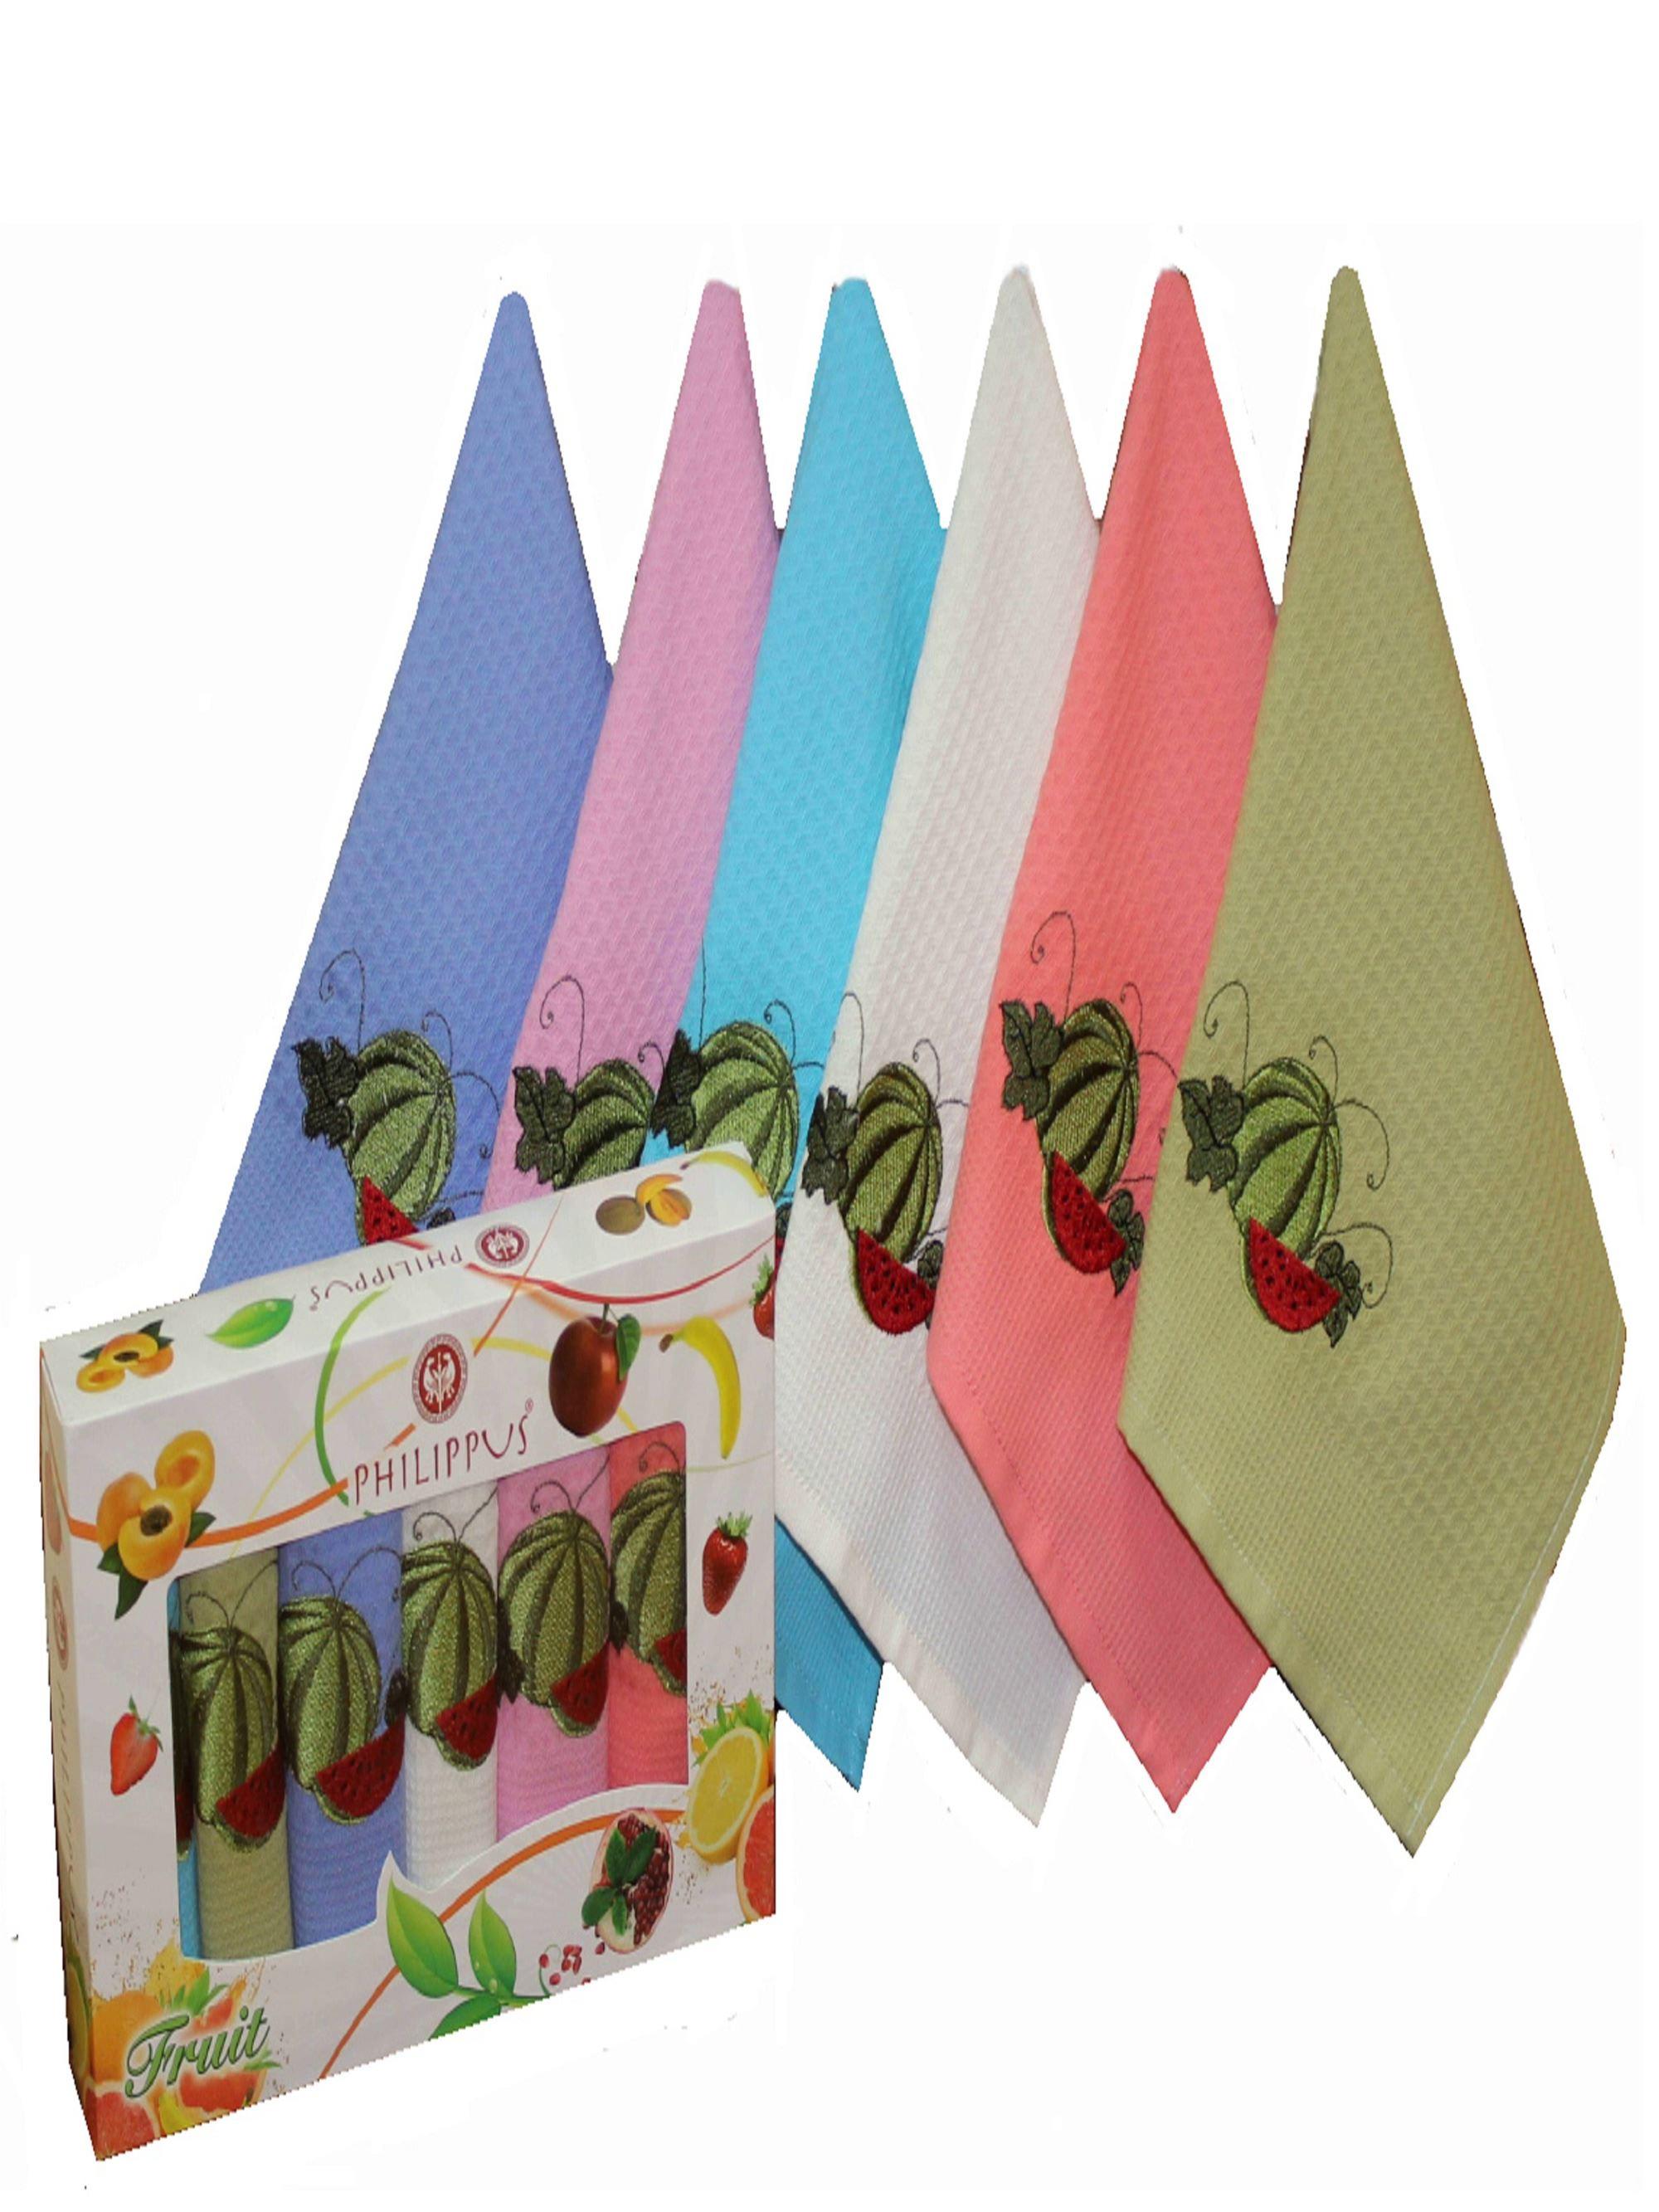 {} Philippus Кухонное полотенце Fruity V2 (30х50 см - 6 шт) полотенца philippus полотенце laura 50х90 см 6 шт